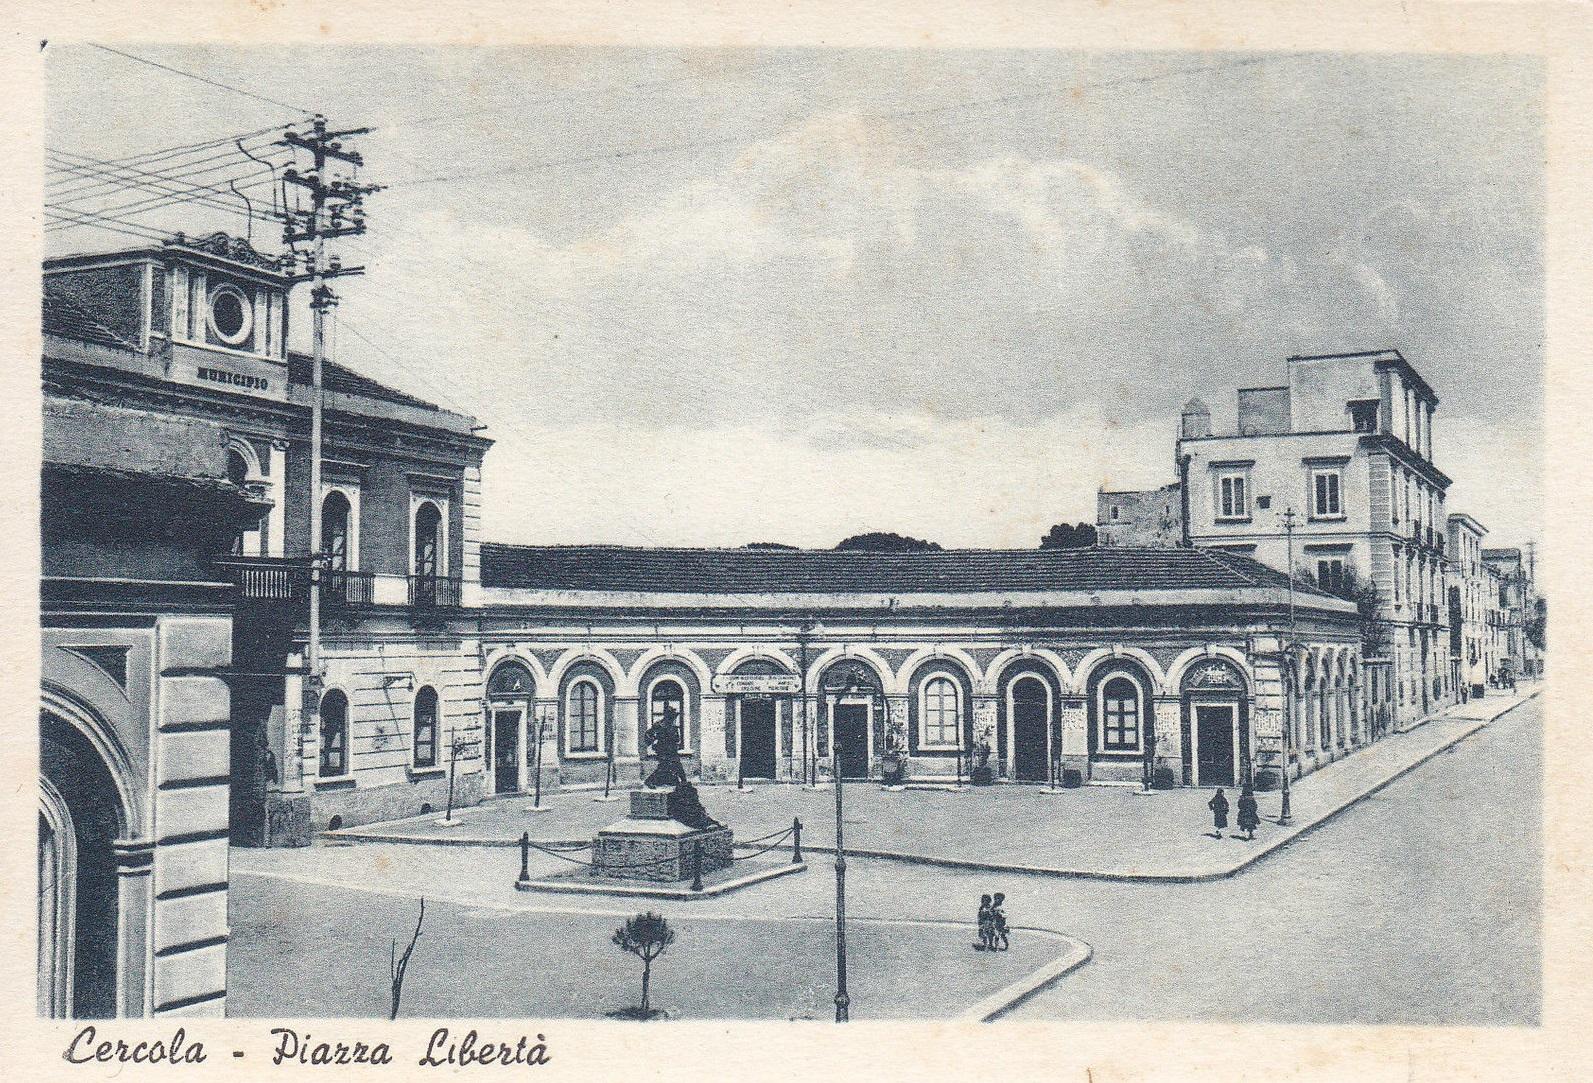 Cercola, piazza Libertà